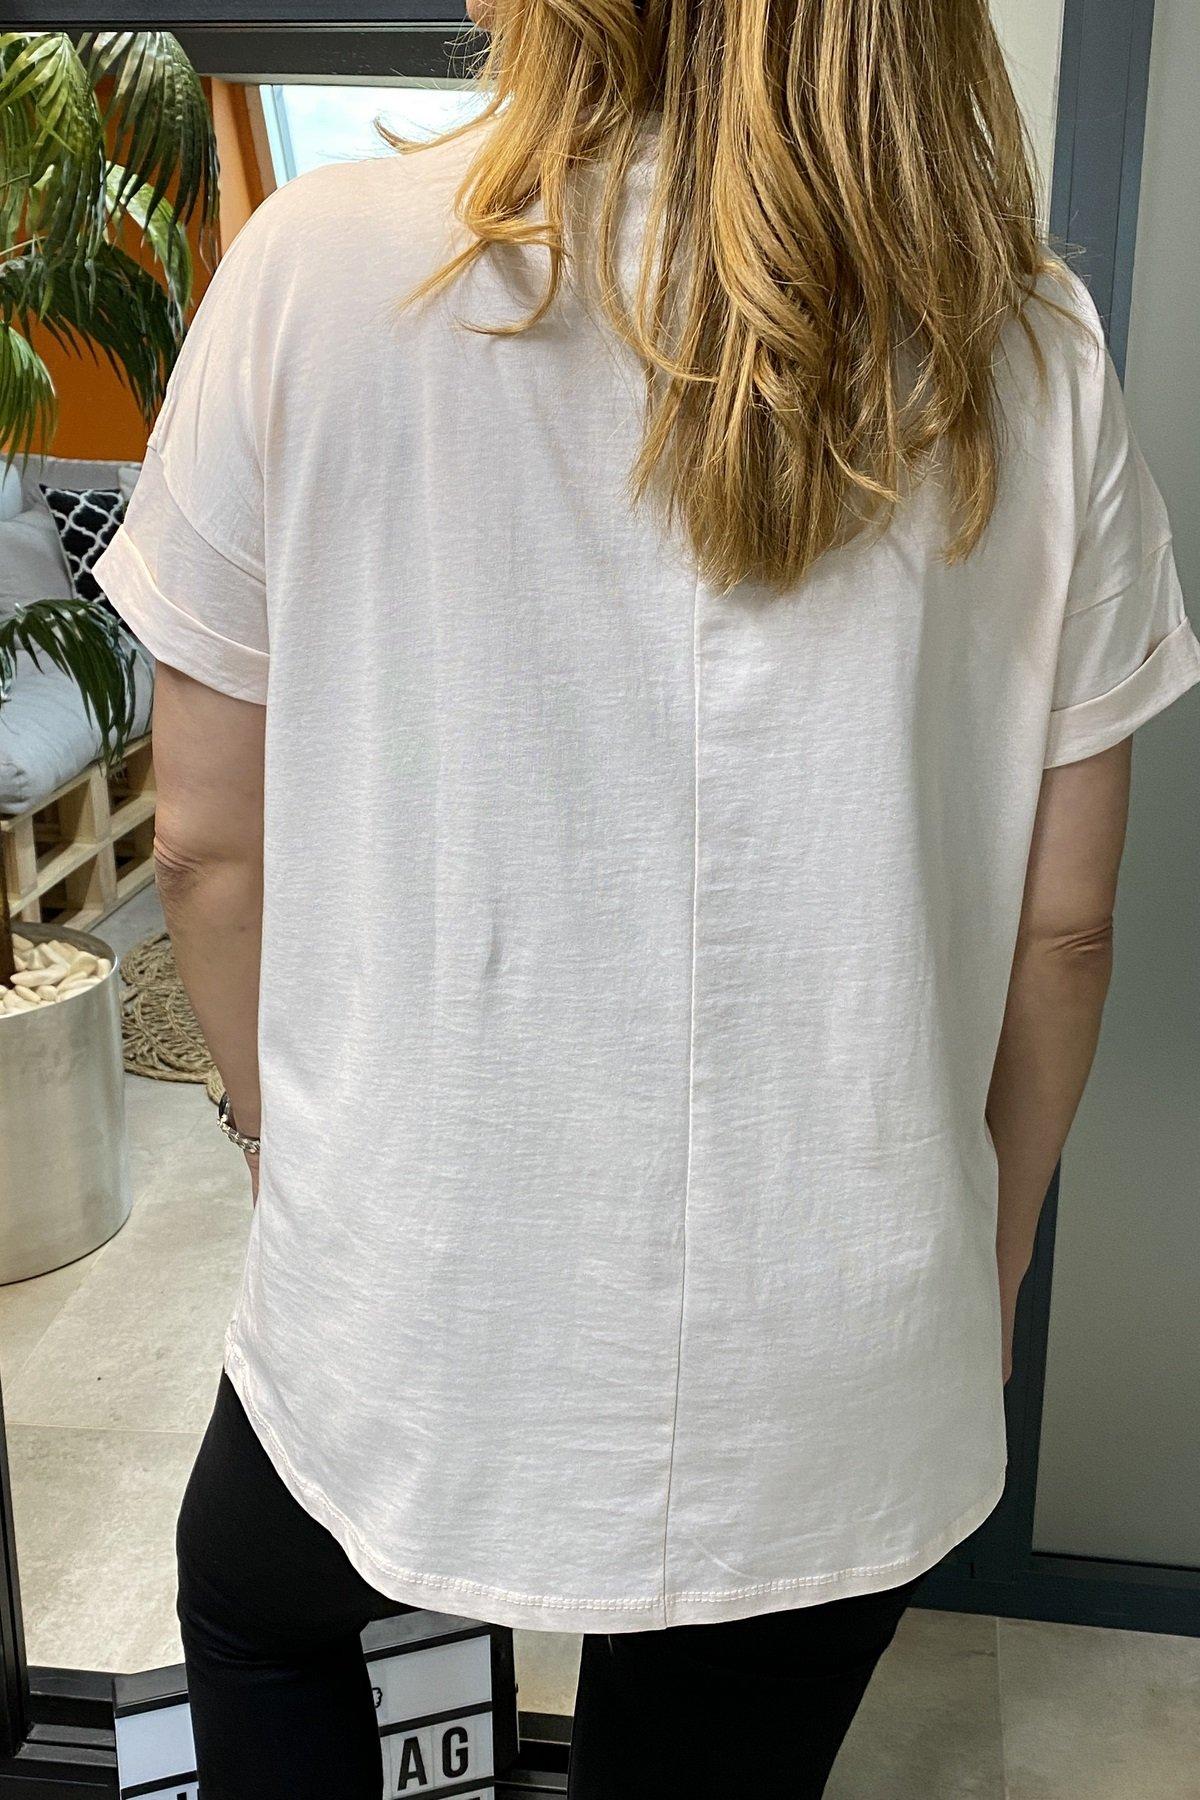 Kaktüs Baskı Üstüne Boncuk Taş İşleme Tshirt